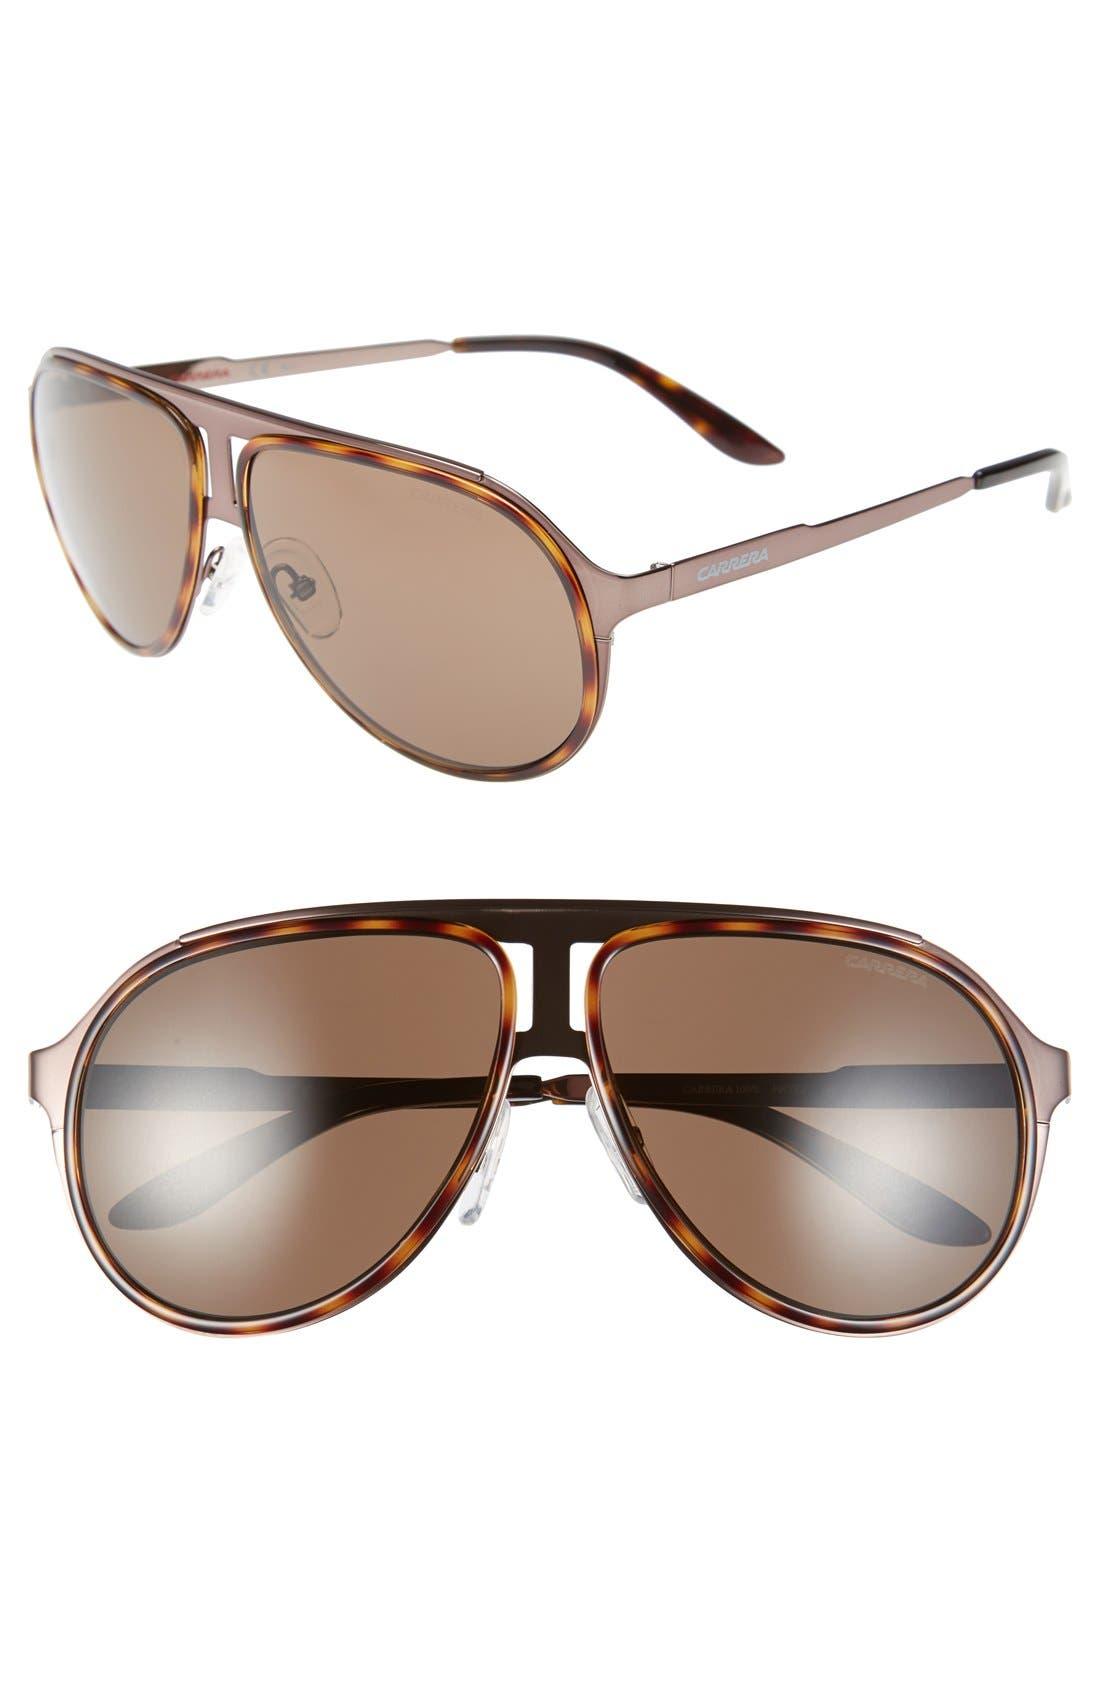 59mm Aviator Sunglasses,                         Main,                         color, Brown Havana/ Brown